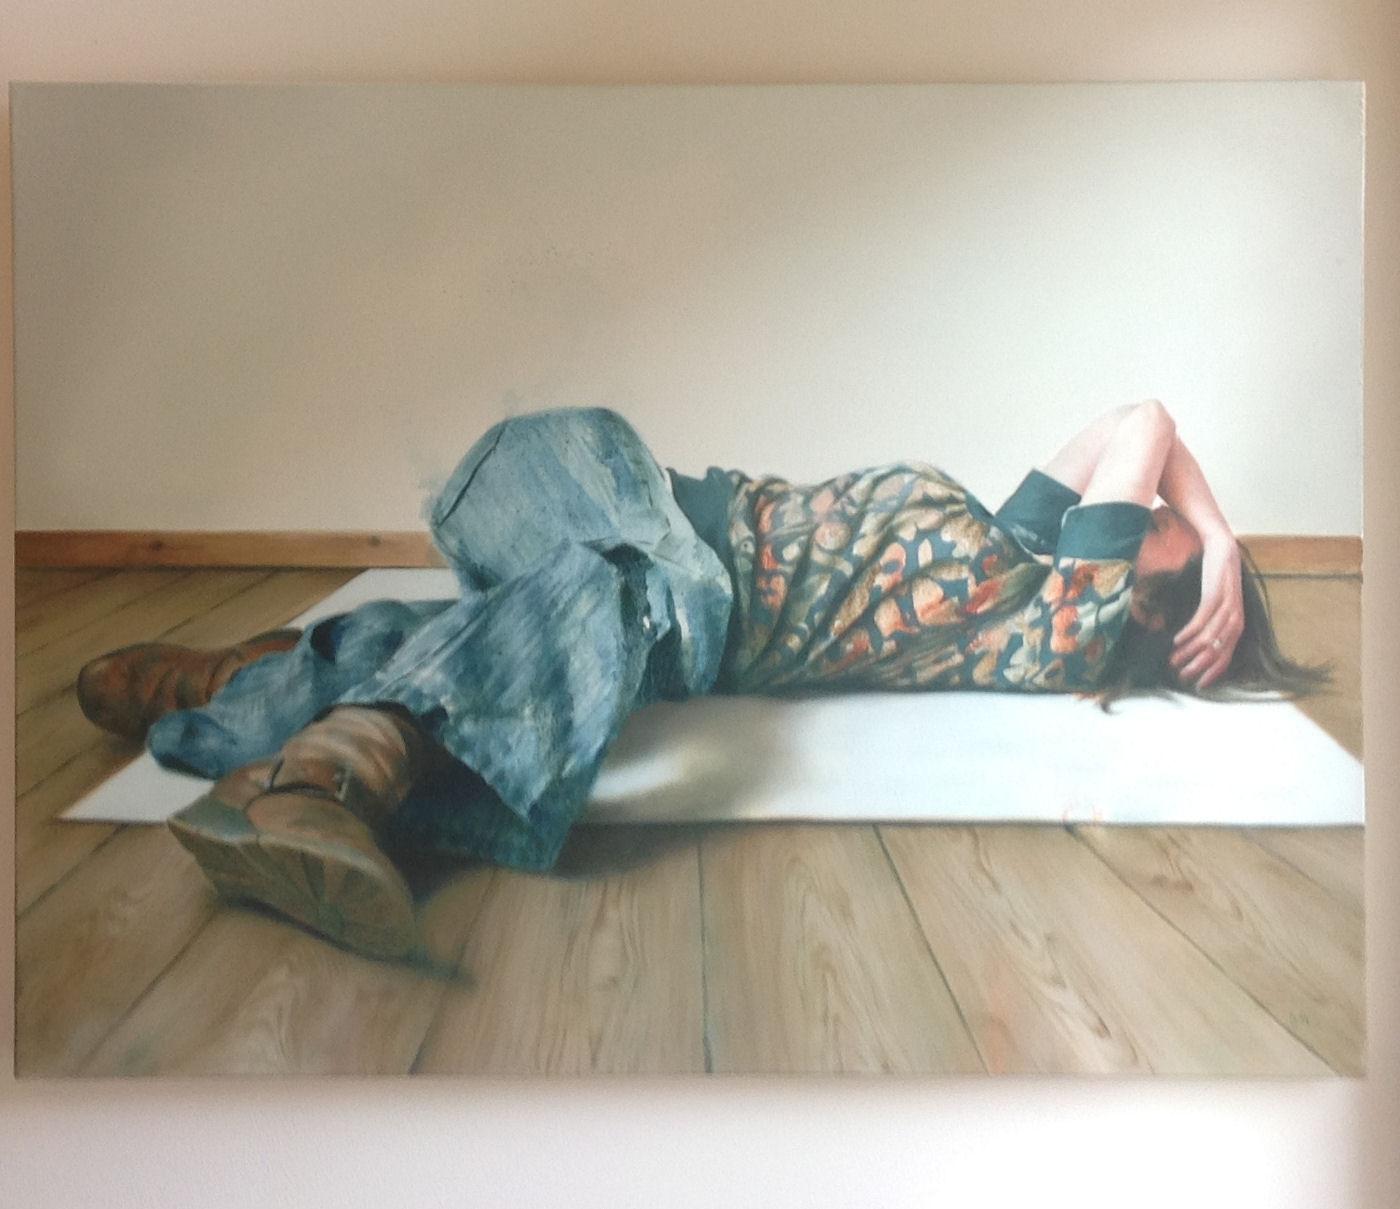 'Reclining Figure' by artist Donald Macdonald